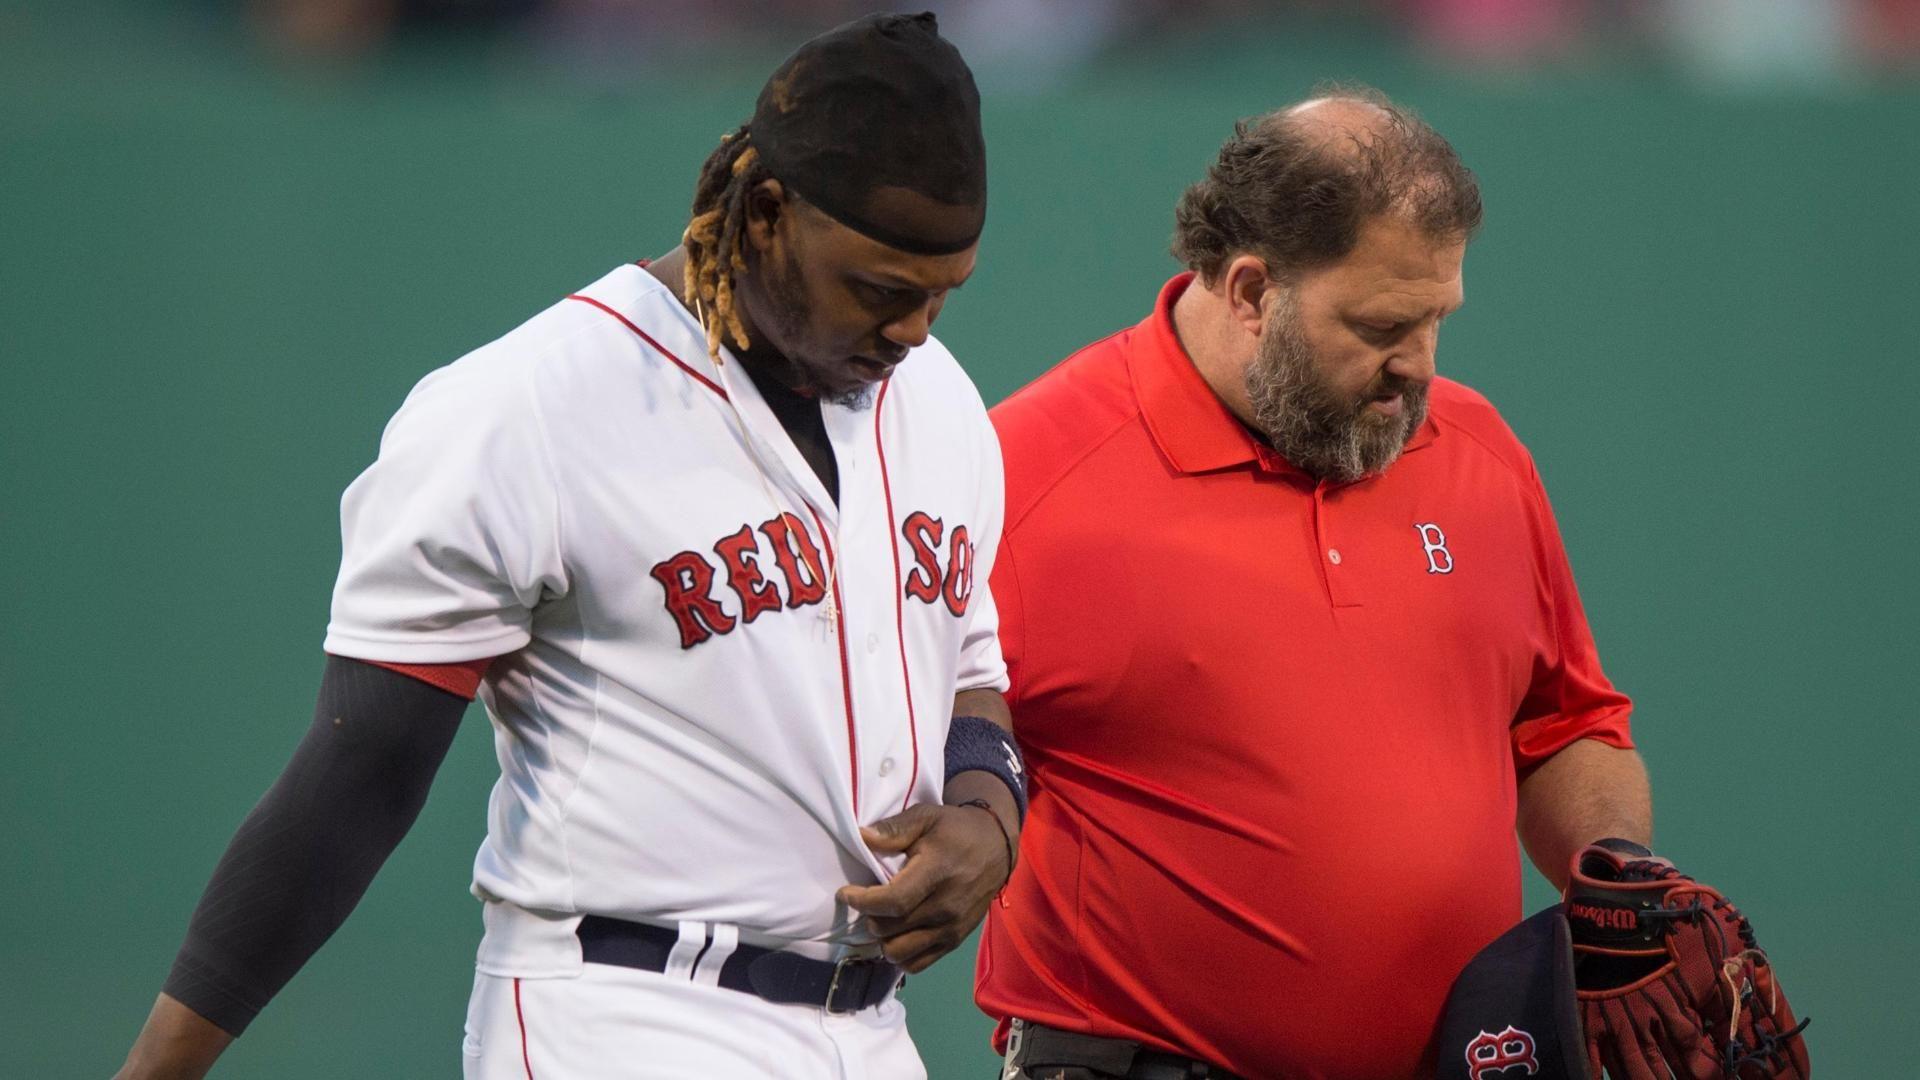 Hanley Ramirez sprains shoulder in 1st inning